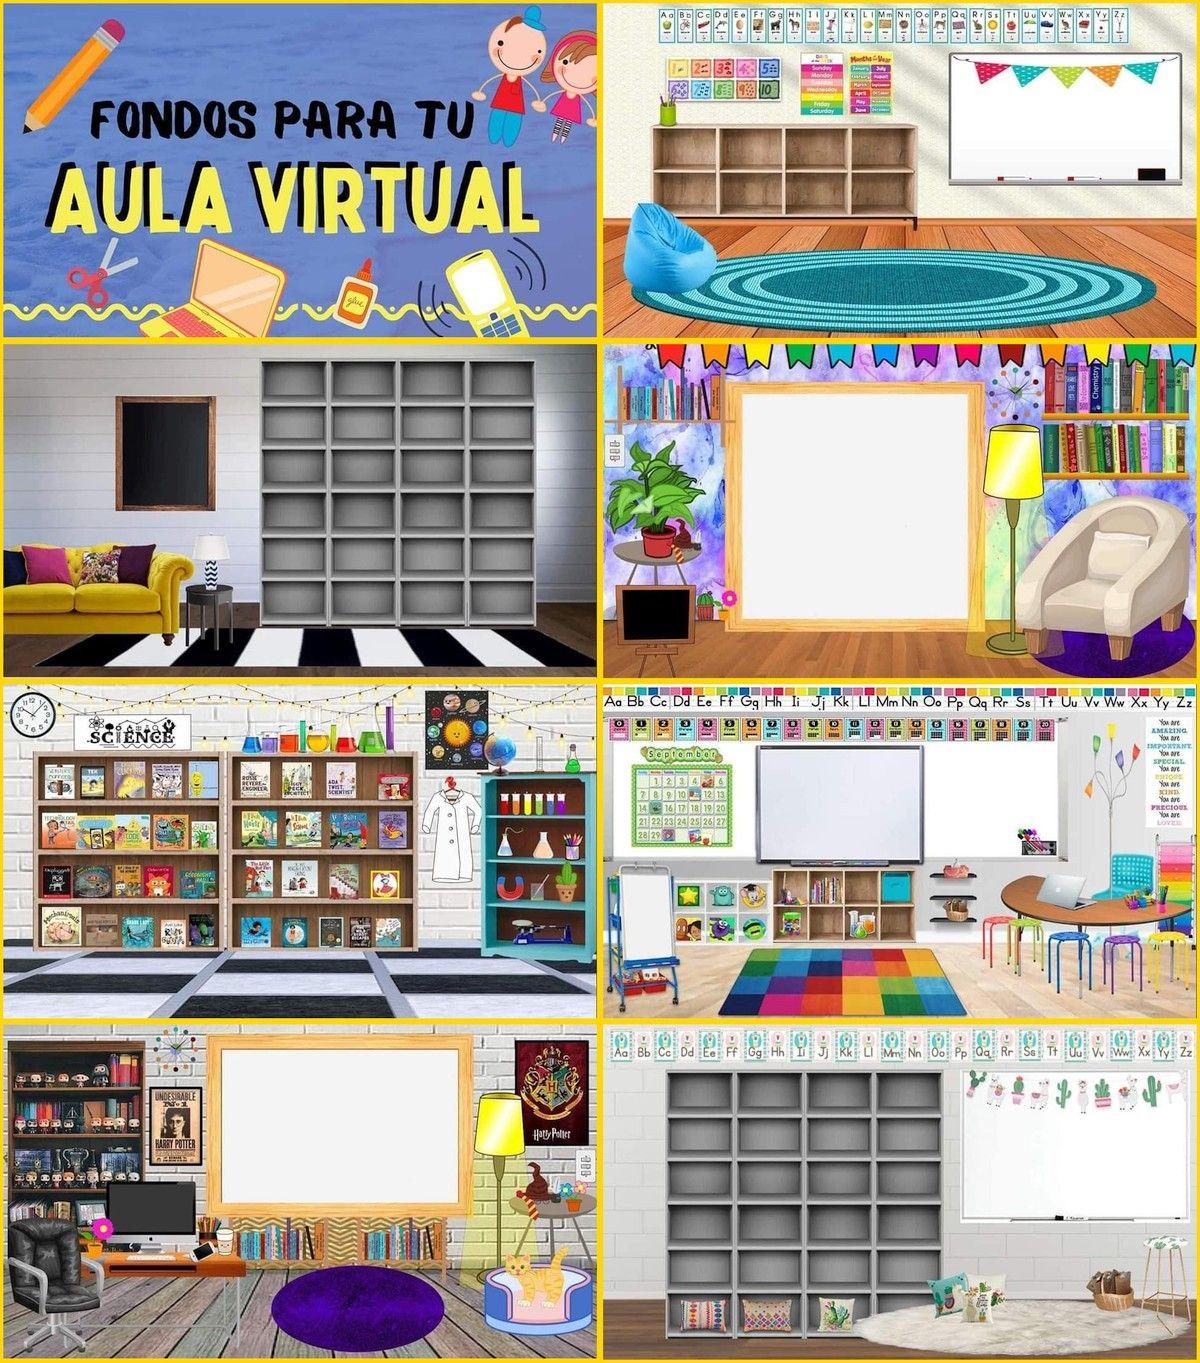 Los Mejores Fondos Para Aula Virtual Para Zoom O Google Meet Dibujos De Aulas Par Diseño De Aula Biblioteca Para Niños Consejos De Decoración Para Dormitorios